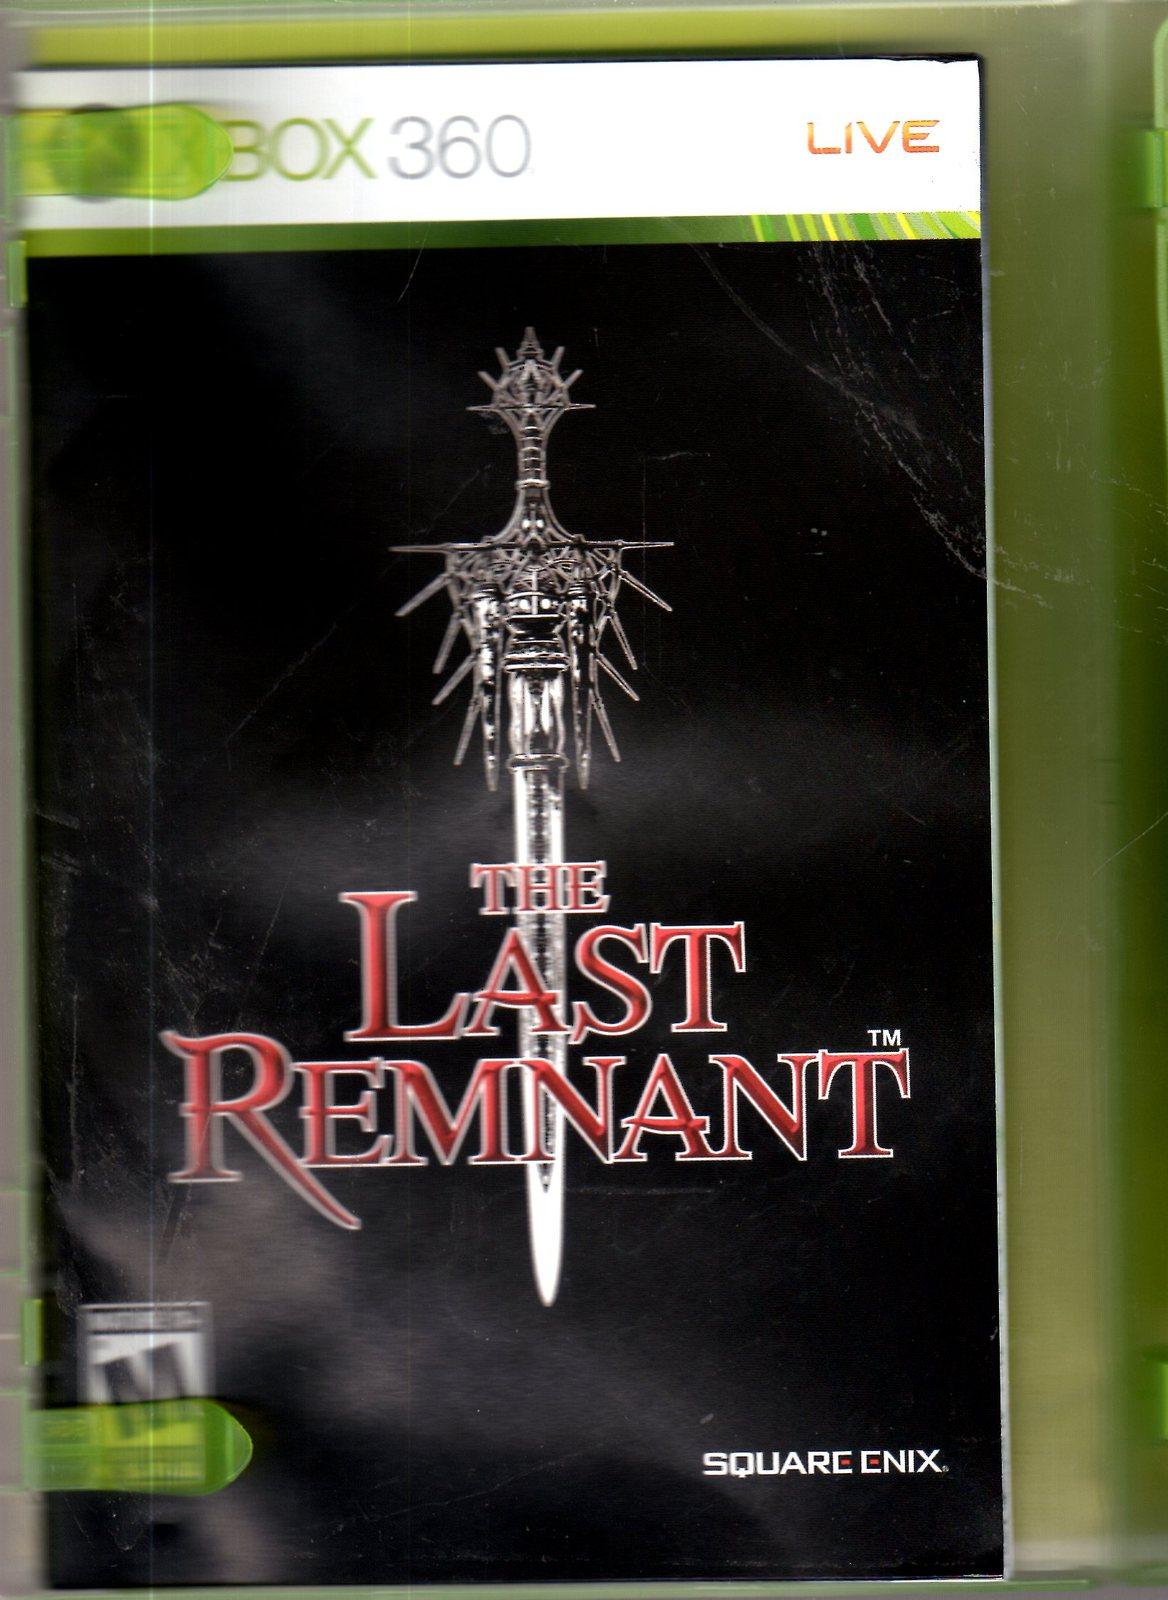 XBox 360 - The Last Reminant